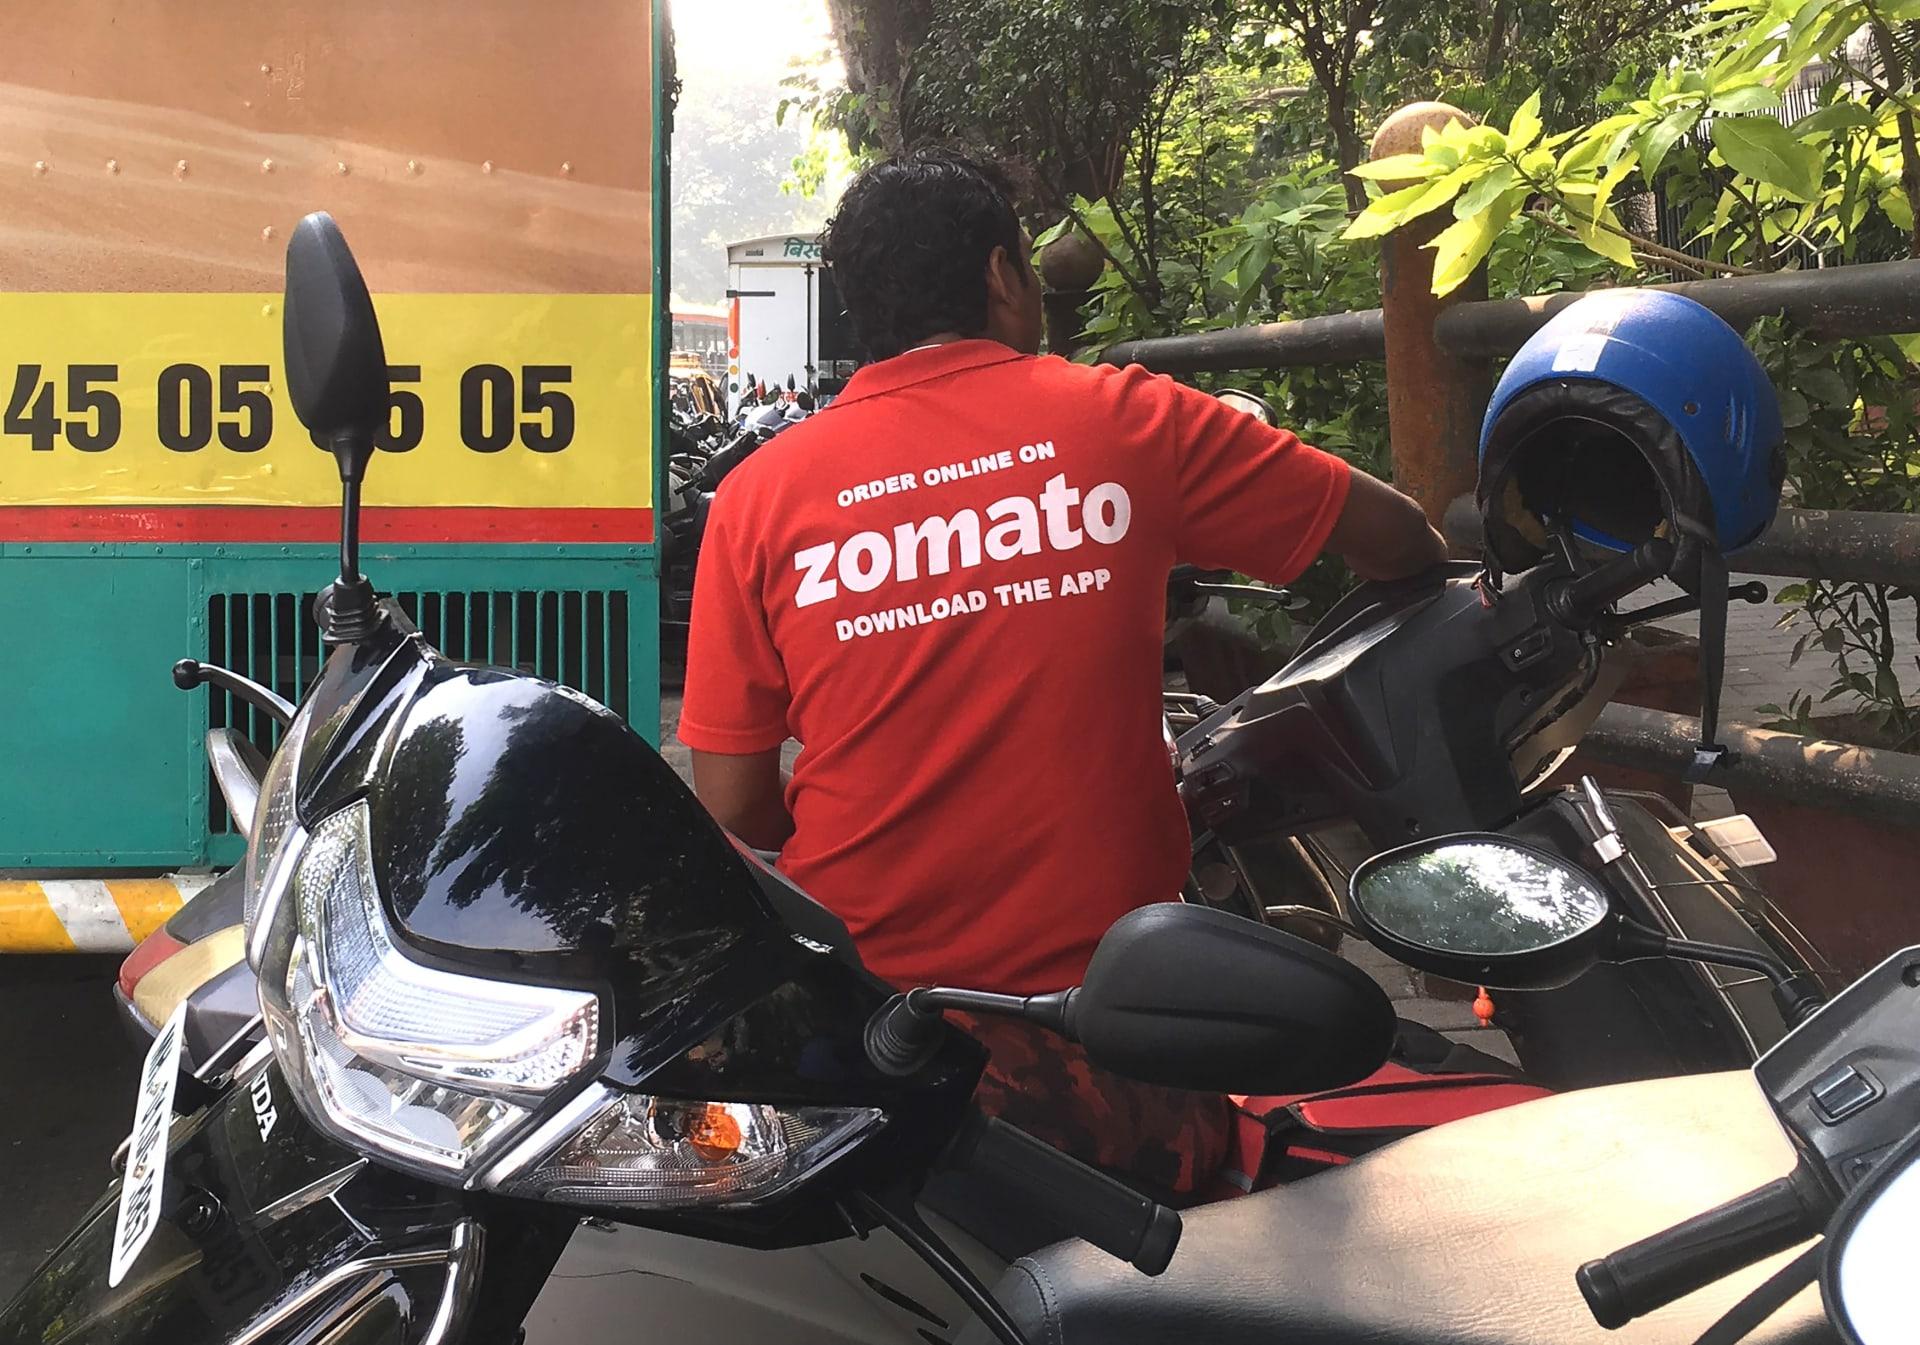 """شركة """"زوماتو"""" الهندية تتقدم بطلب للاكتتاب العام لتجميع 1.1 مليار دولار"""